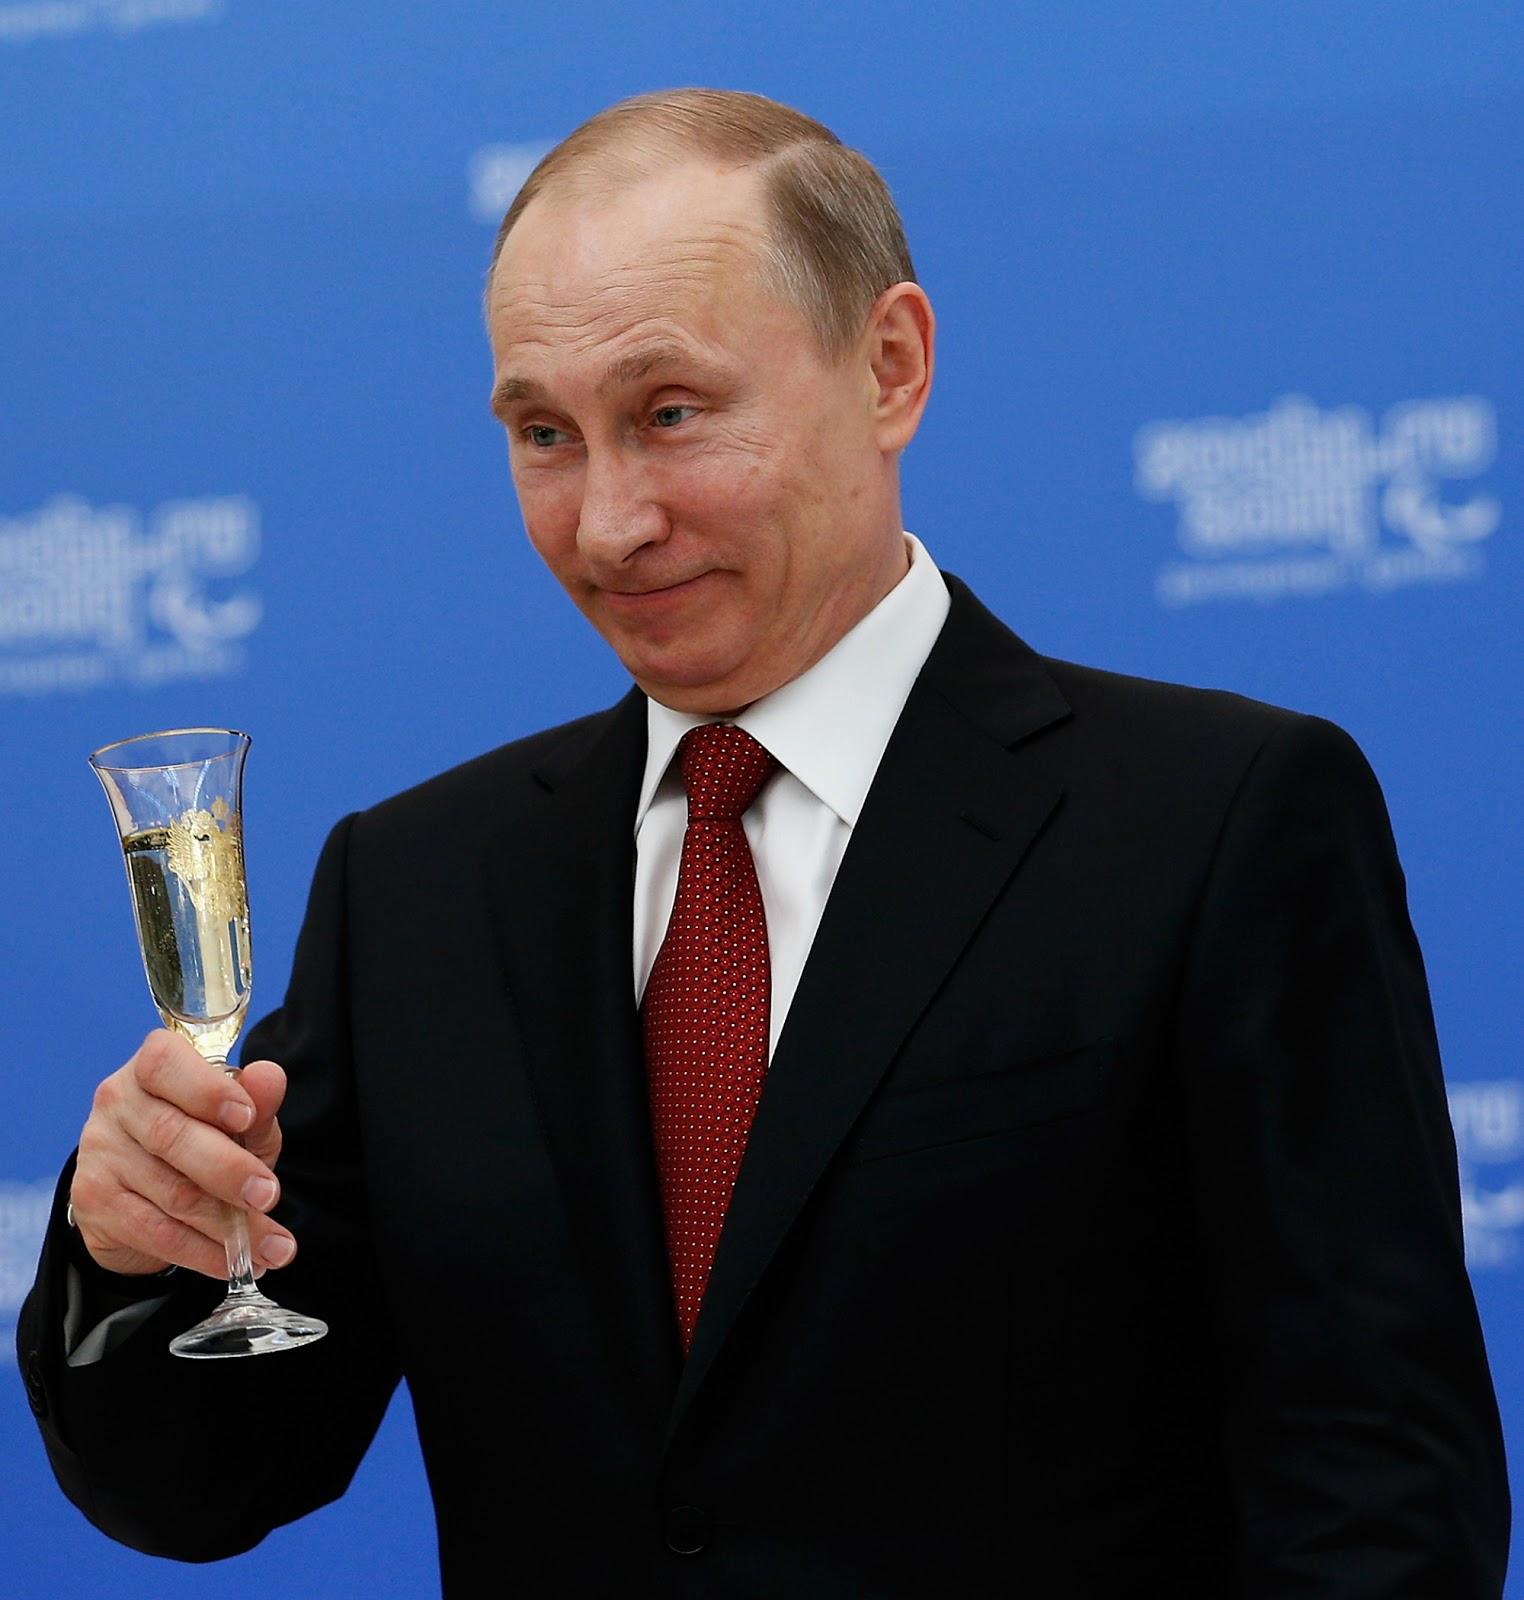 Поздравления трампа от путина